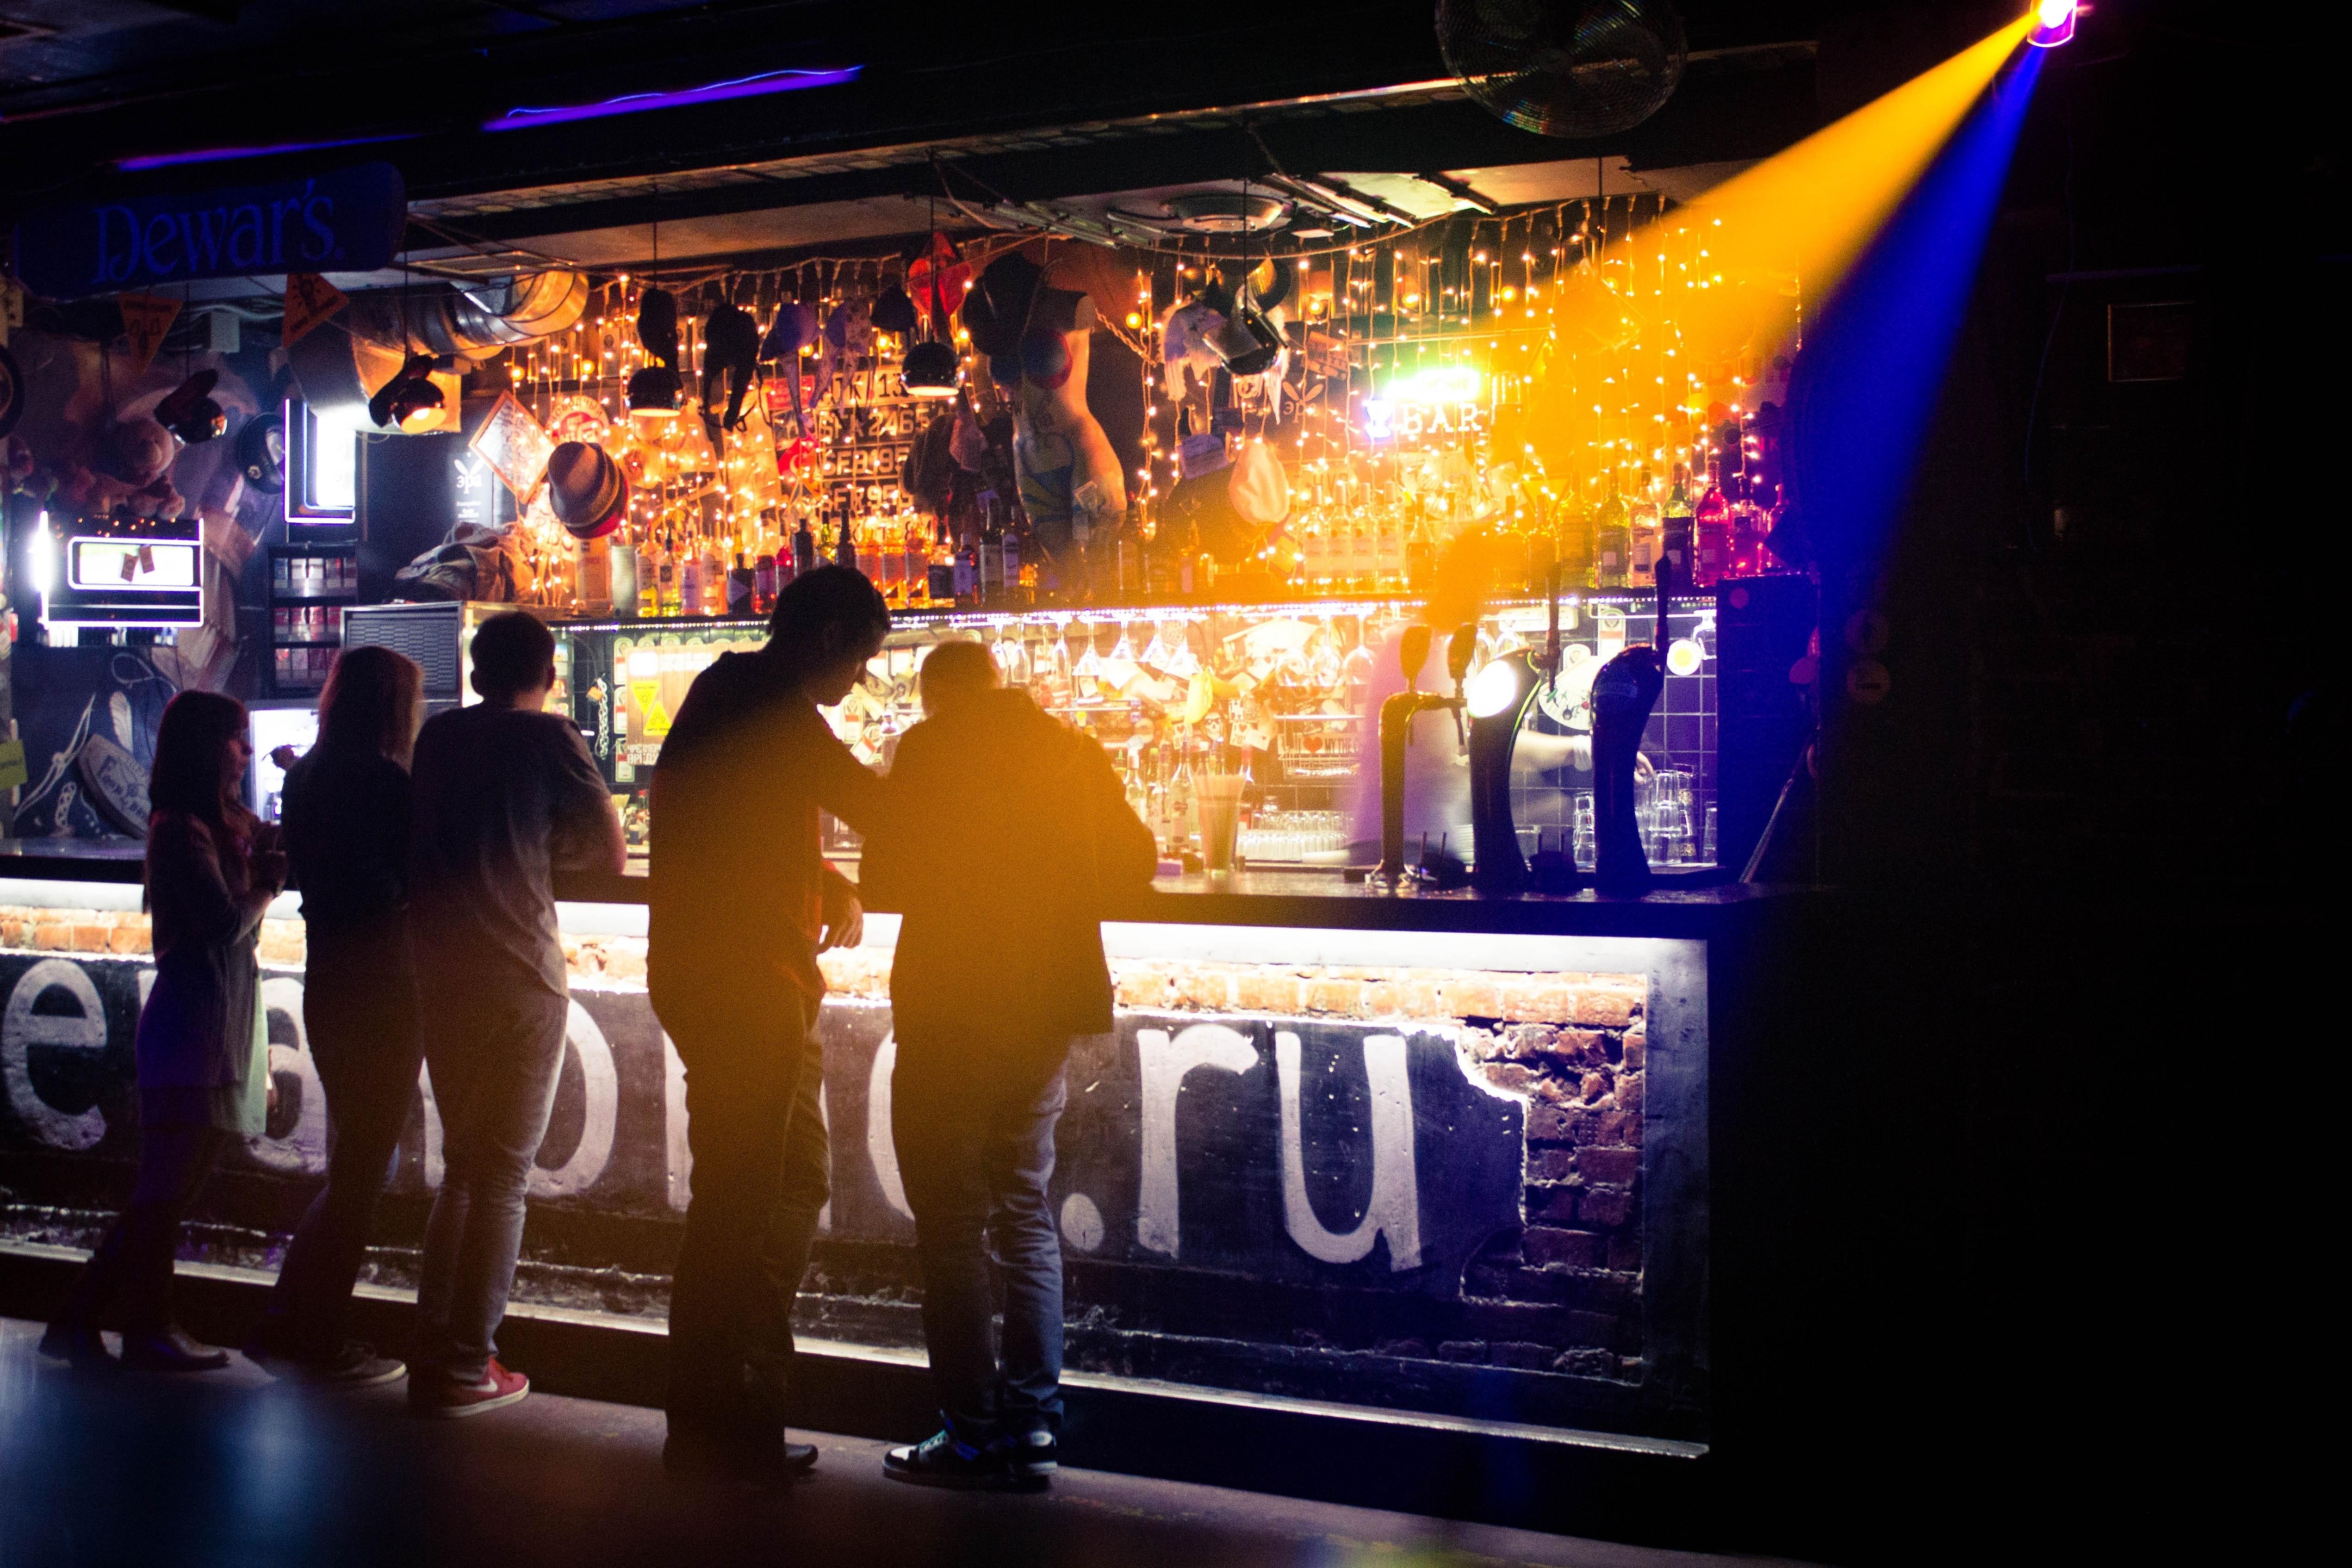 ▲酒吧,夜店。(圖/取自免費圖庫Pexels)